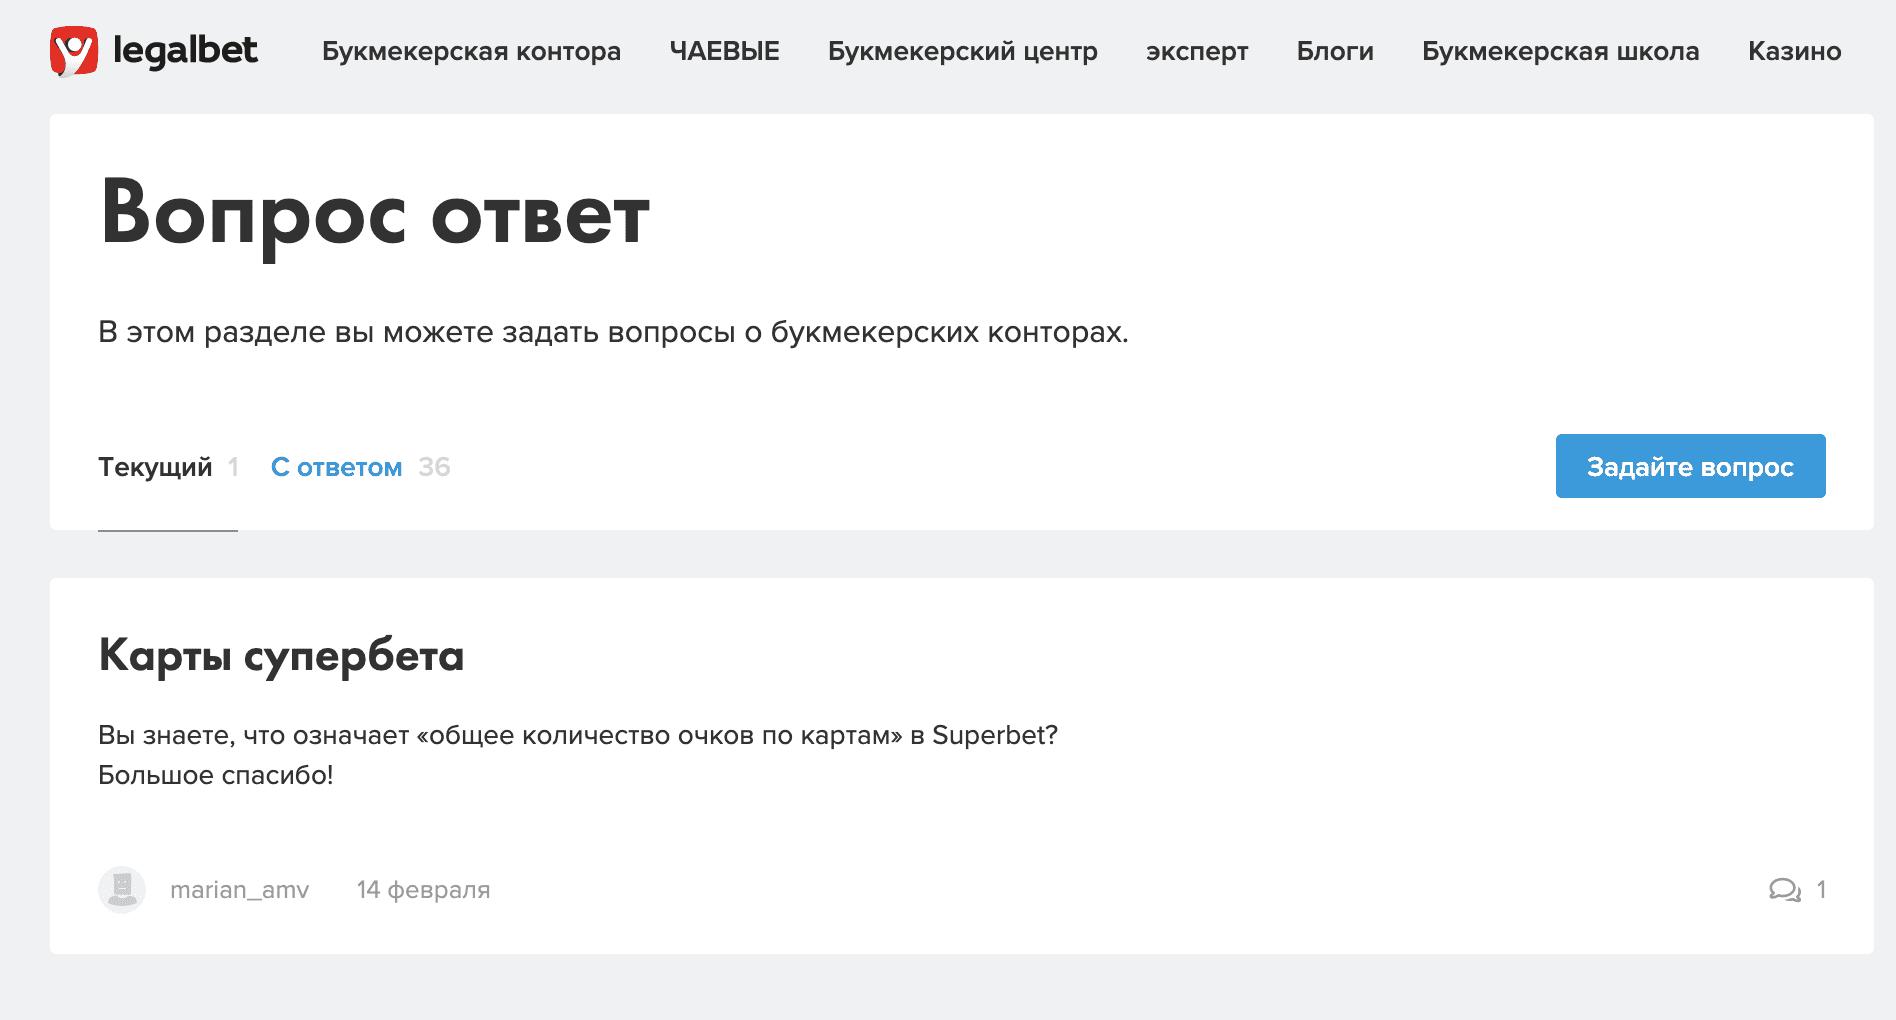 Ответы на вопросы на сайте Легалбет (www Legalbet ru)